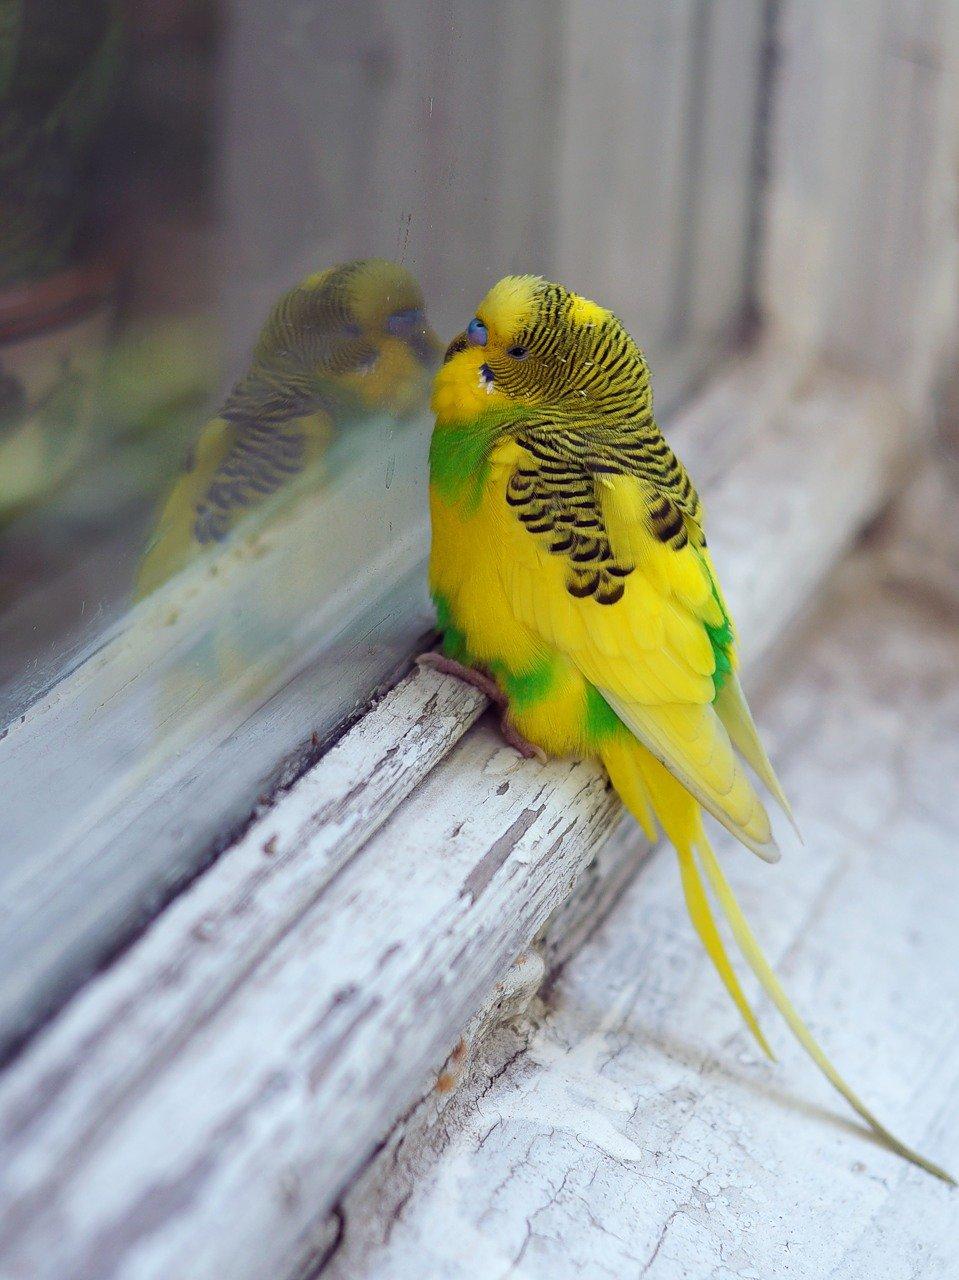 Да я с доброй вестью, пустите, а!#irkinson1309 #ассоциации #окно #попугай #путешественник #путешествие #улетел #улыбнуть